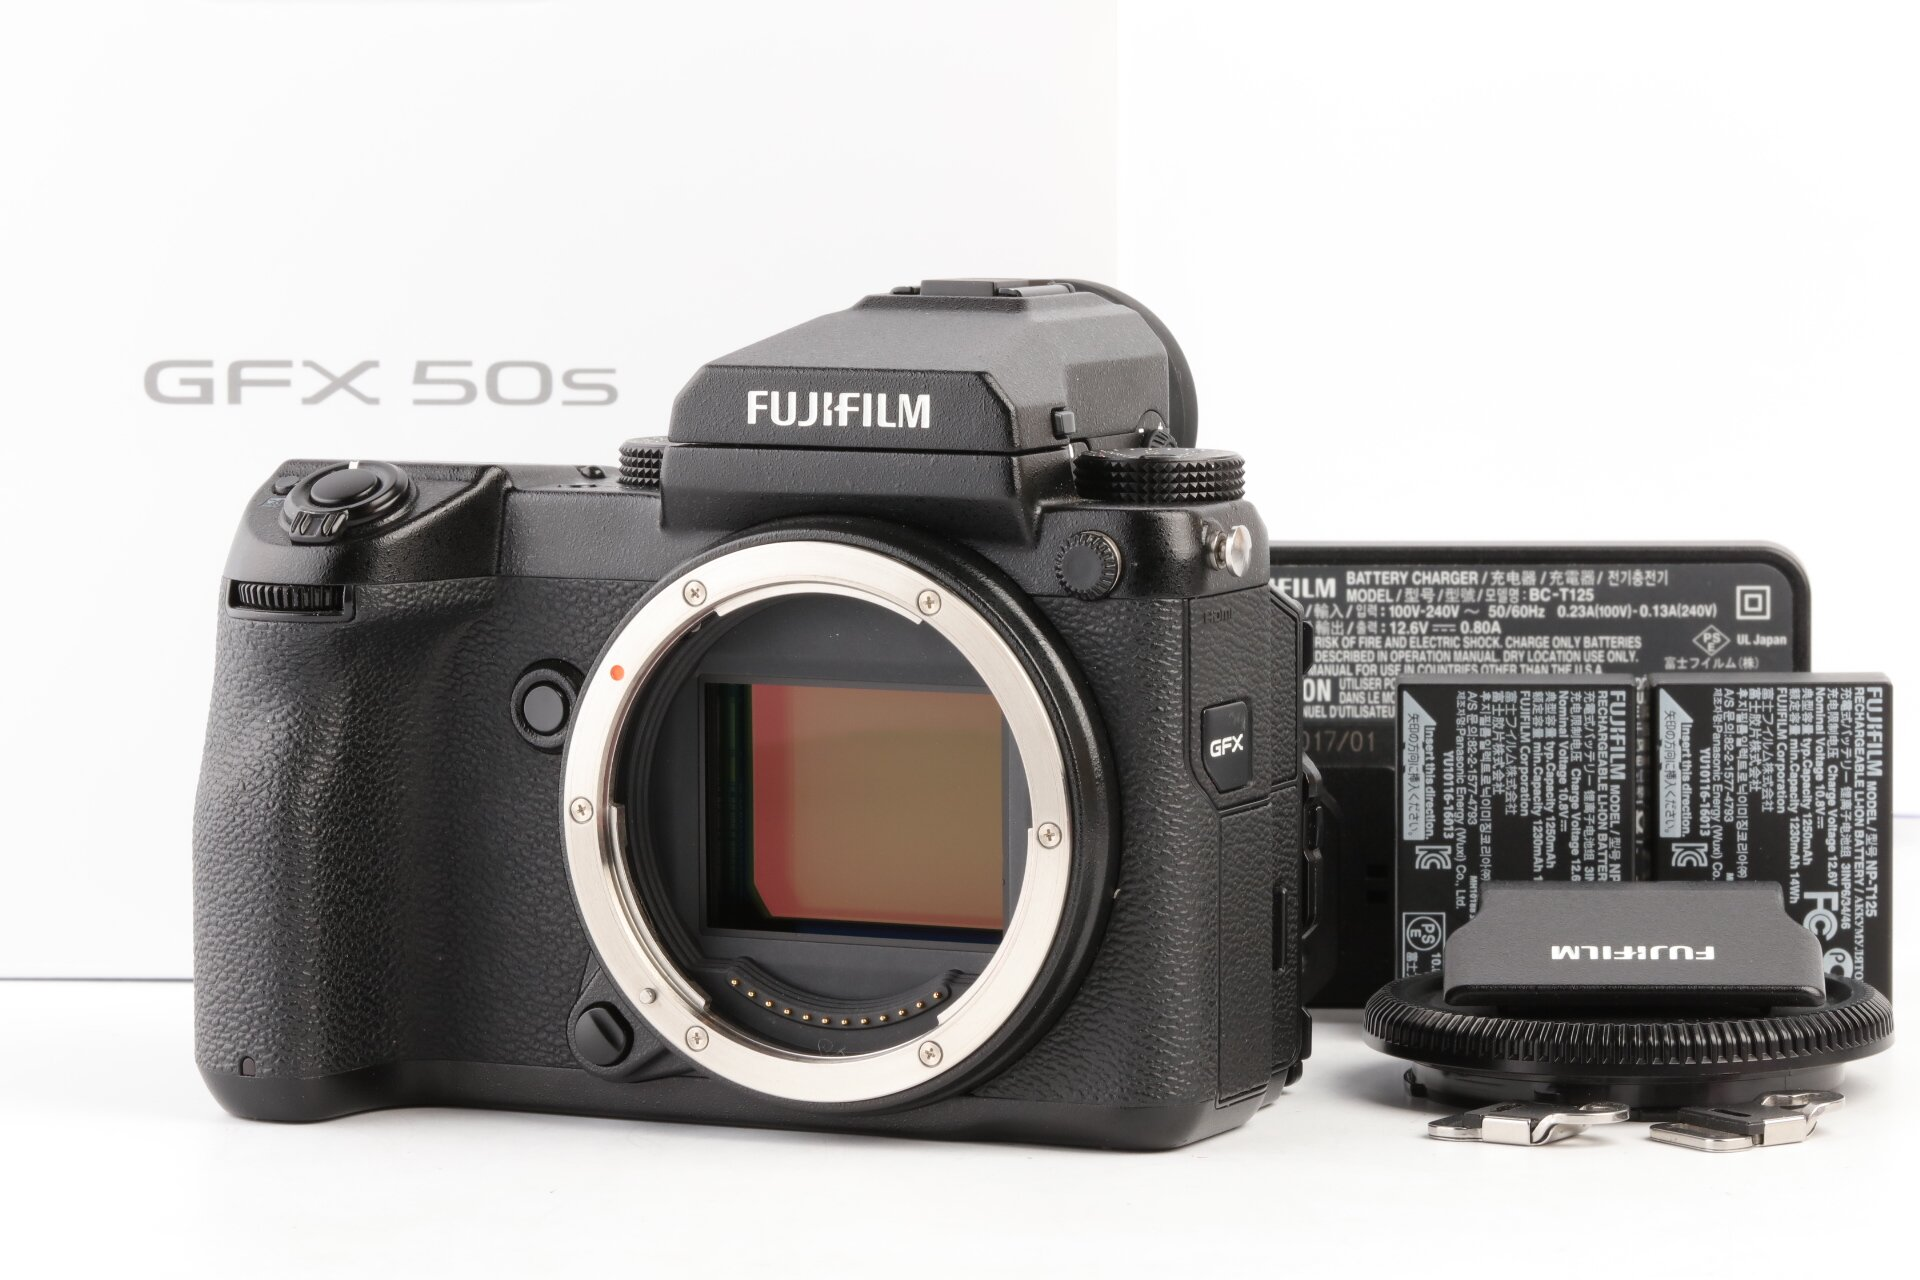 Fujifilm GFX 50S Gehäuse 700 Auslösungen